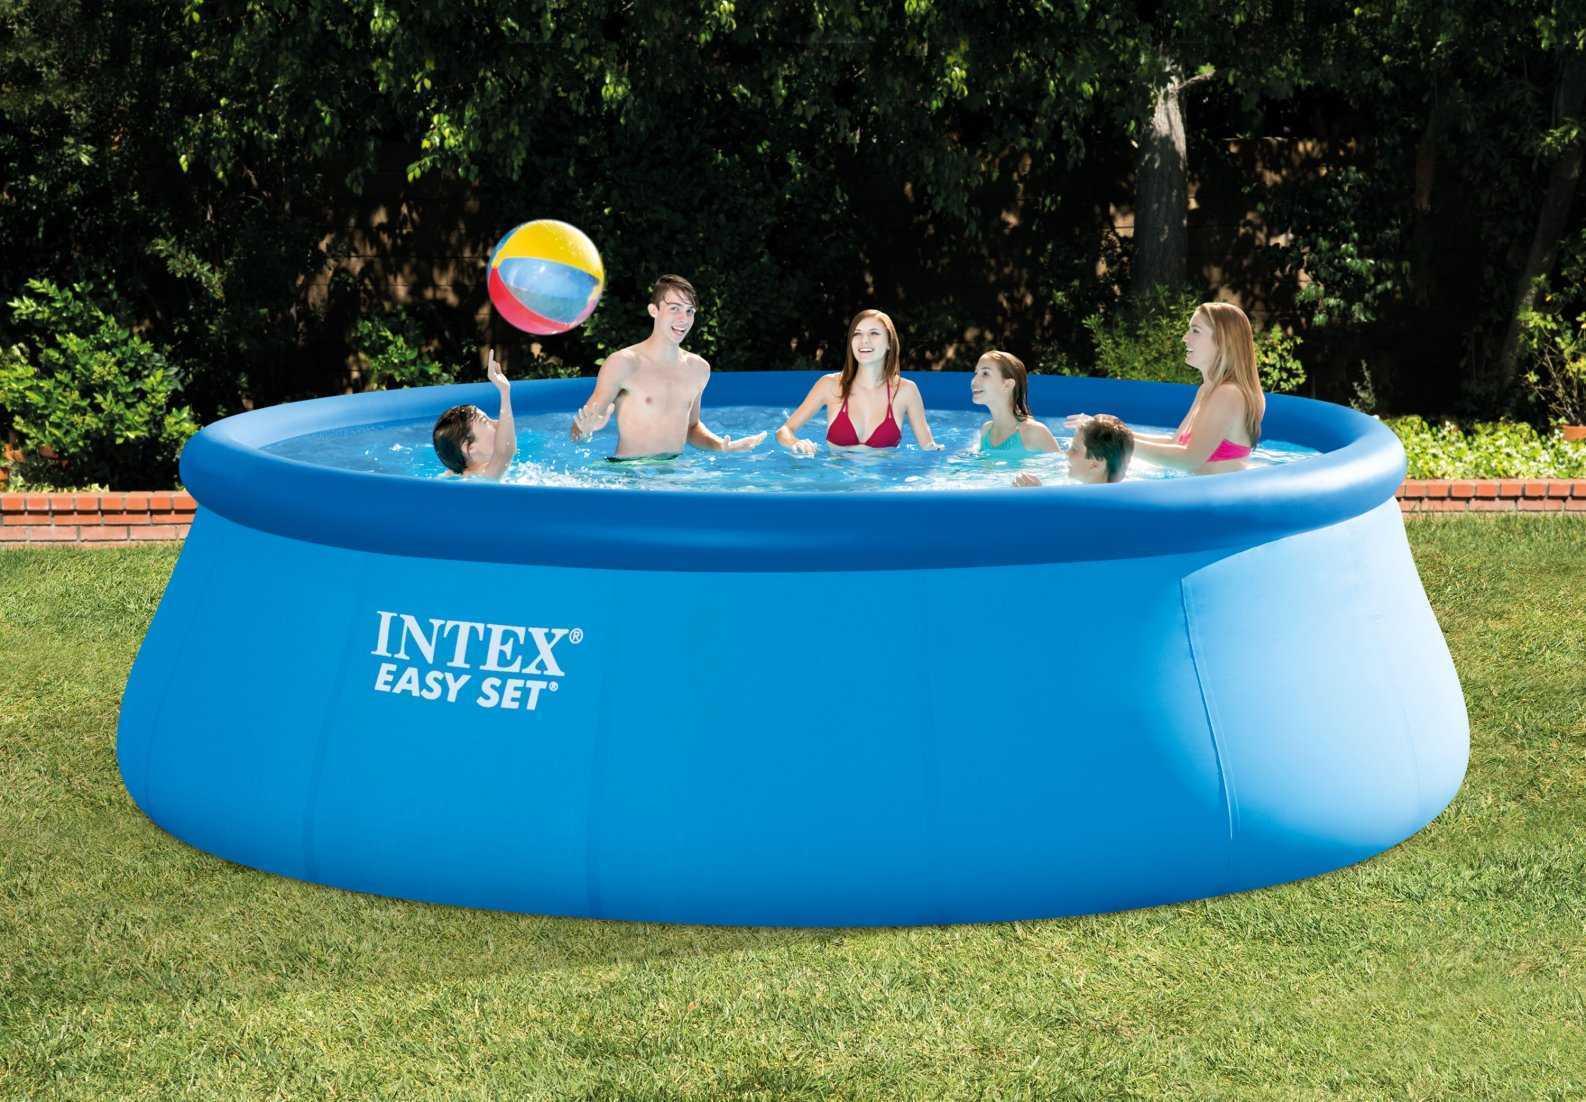 Piscine intex easy set 4 57 x 1 22m c piscine for Bache piscine easy set